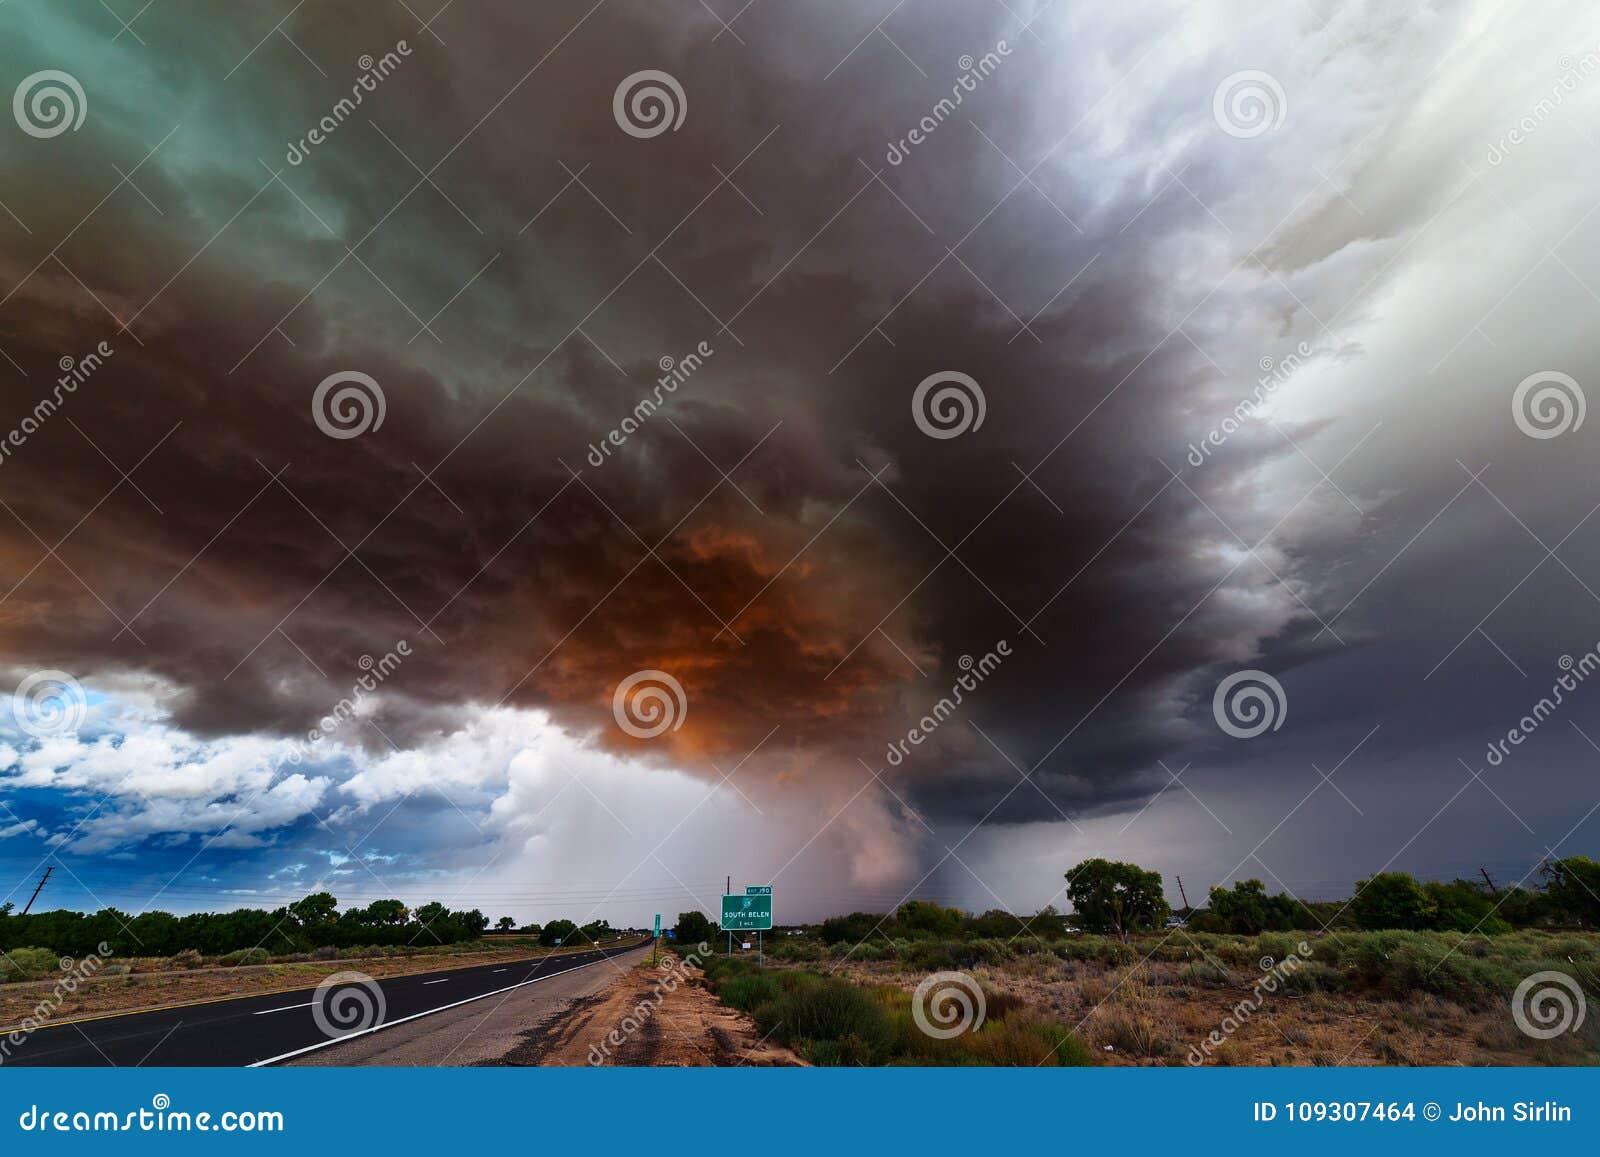 Бурное небо с темными облаками впереди грозы supercell